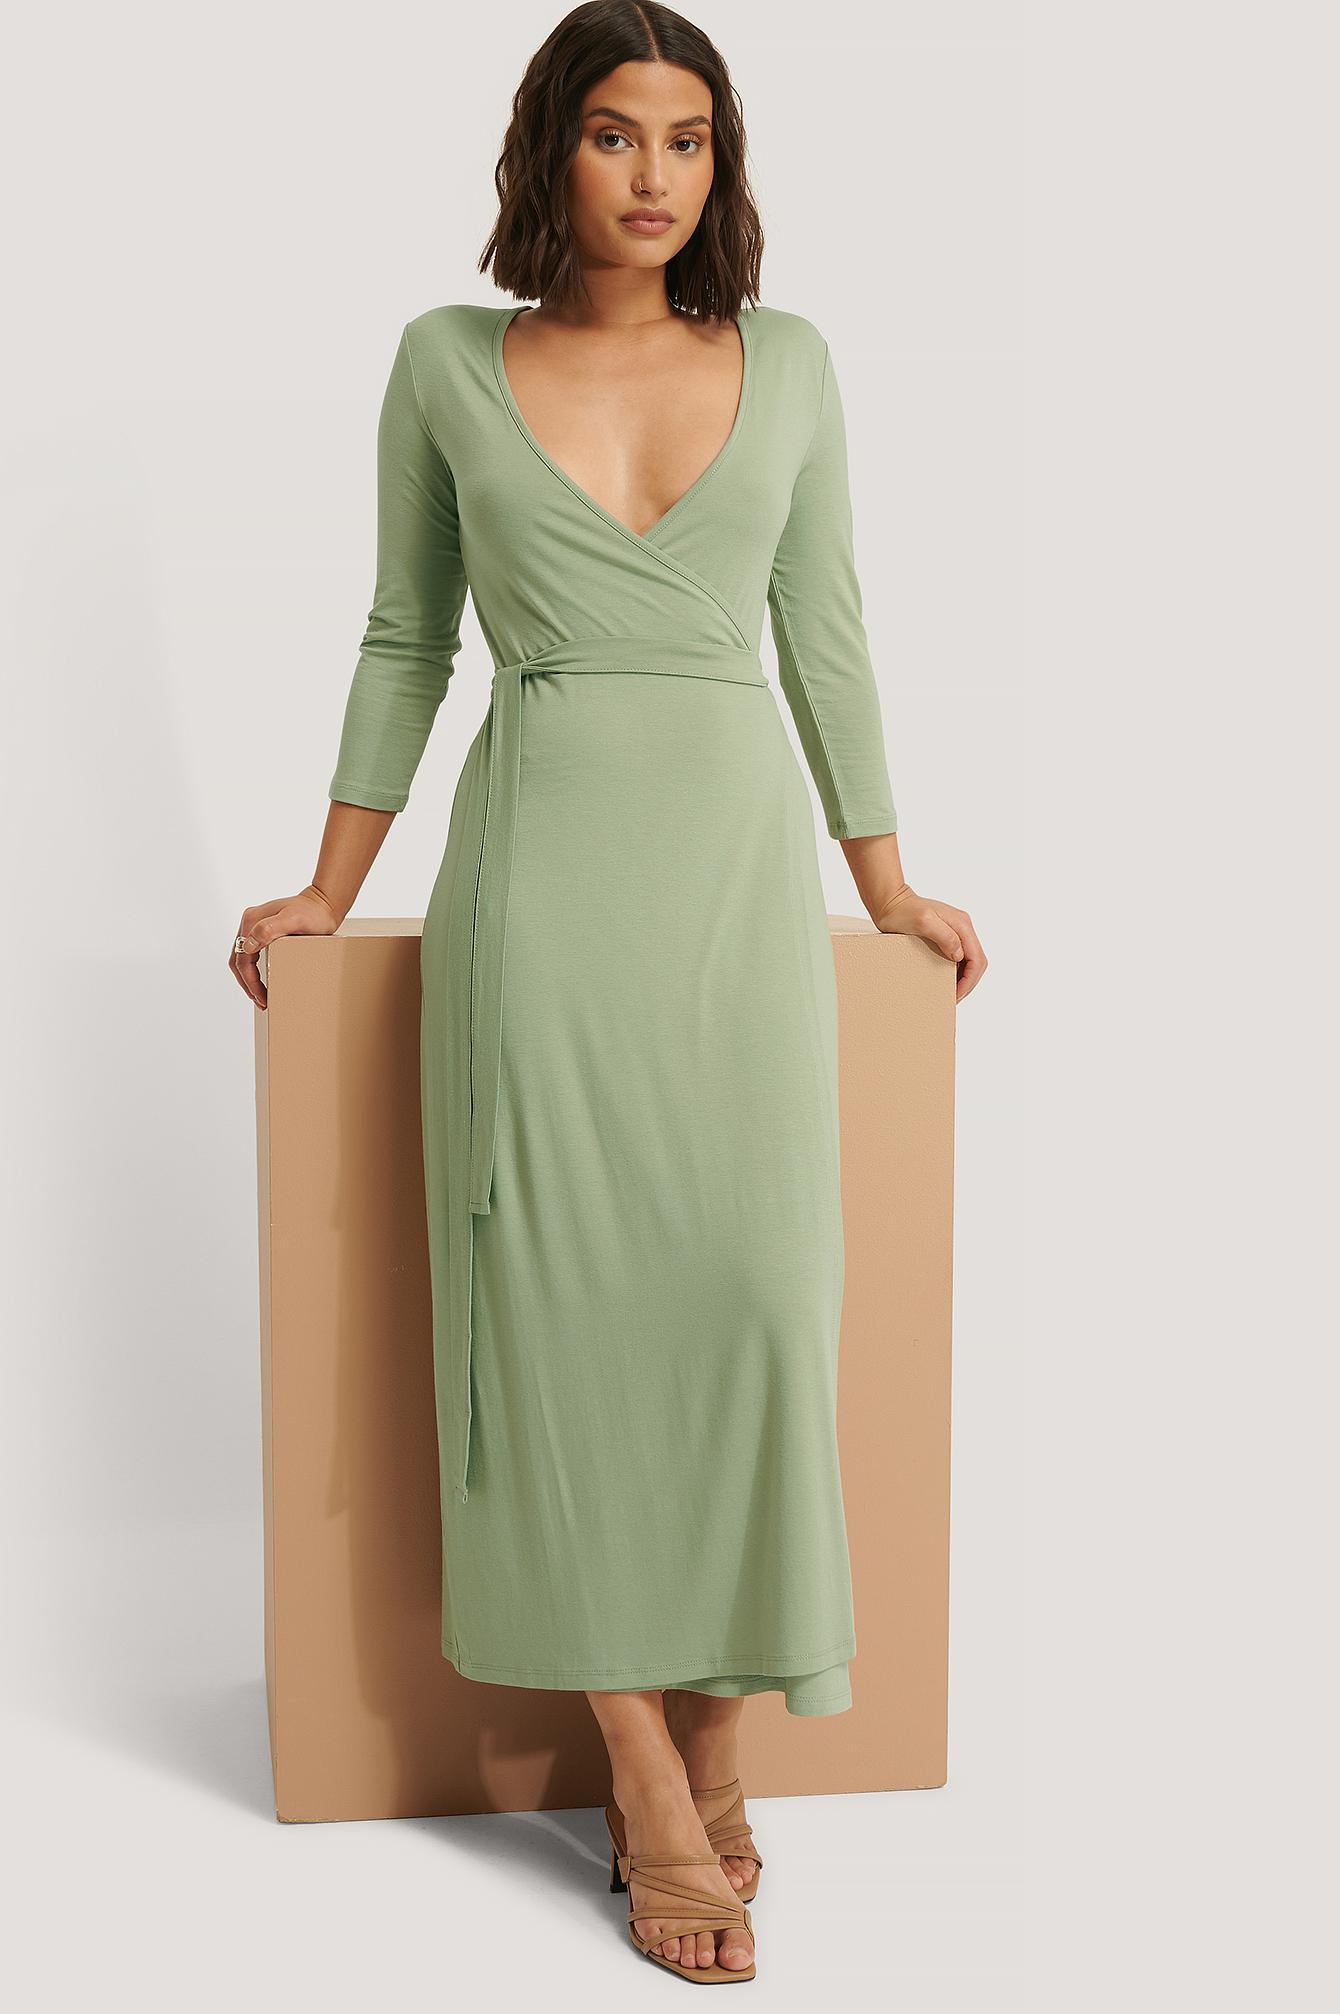 NA-KD Basic Wickelkleid Mit Schnürung - Green | Bekleidung > Kleider > Wickelkleider | NA-KD Basic